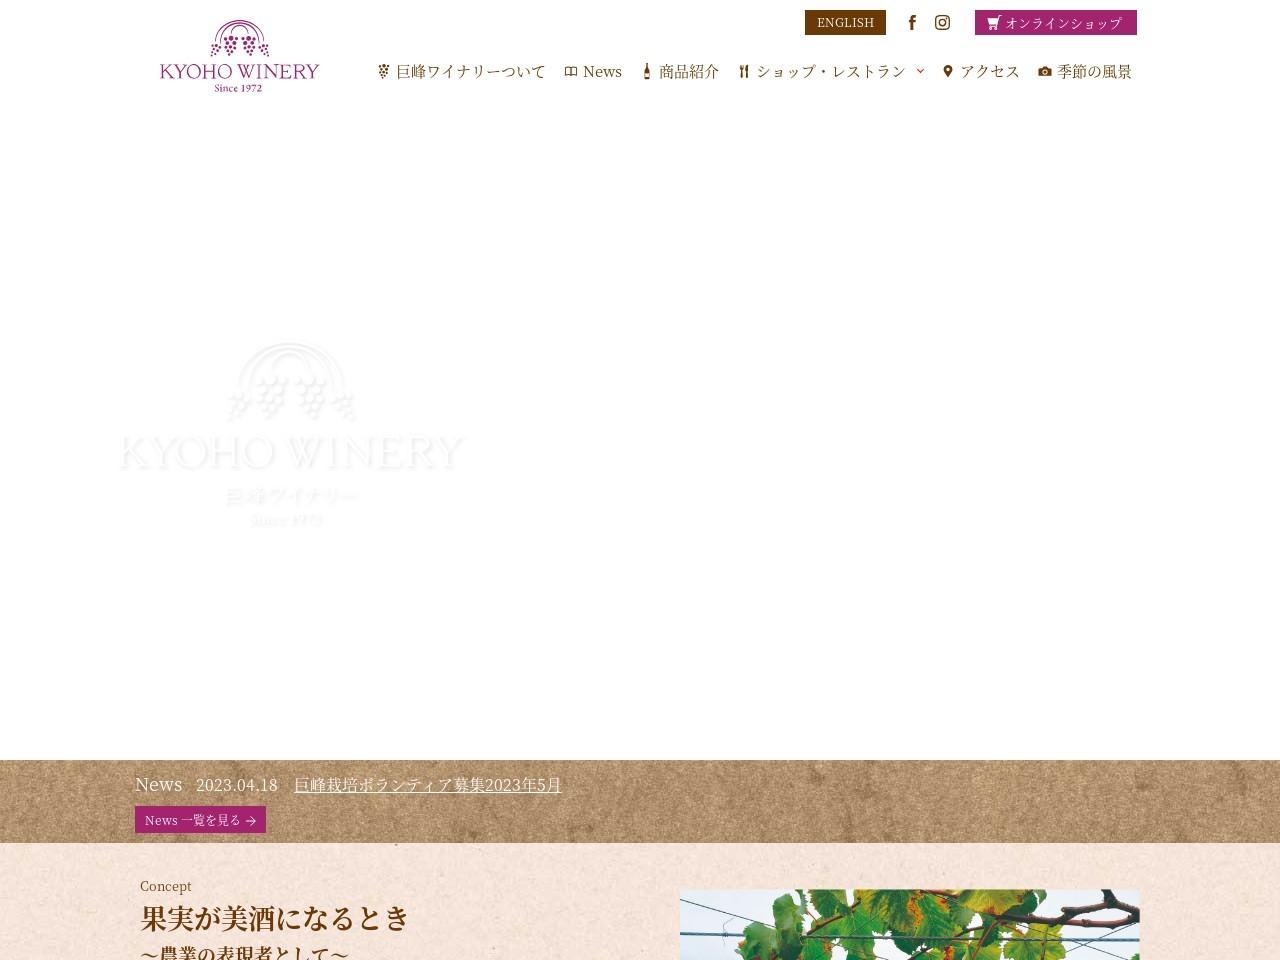 田主丸ワインの森 | KYOHO WINERY 巨峰ワイナリー | 株式会社 巨峰ワイン